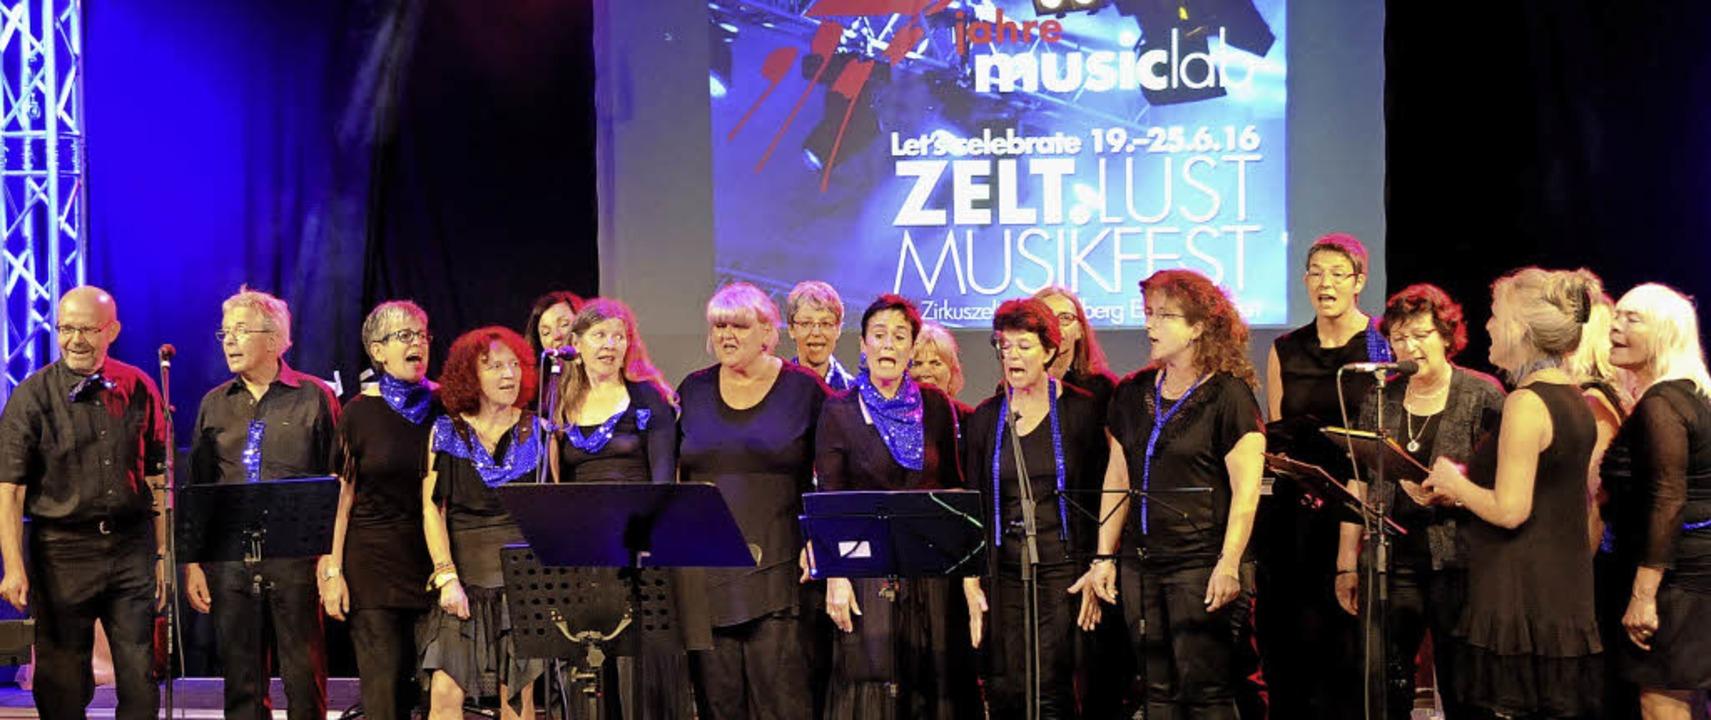 Wieder vereint - der Beatles Revival Chor, mit dem alles begann    Foto: Markus Zimmermann